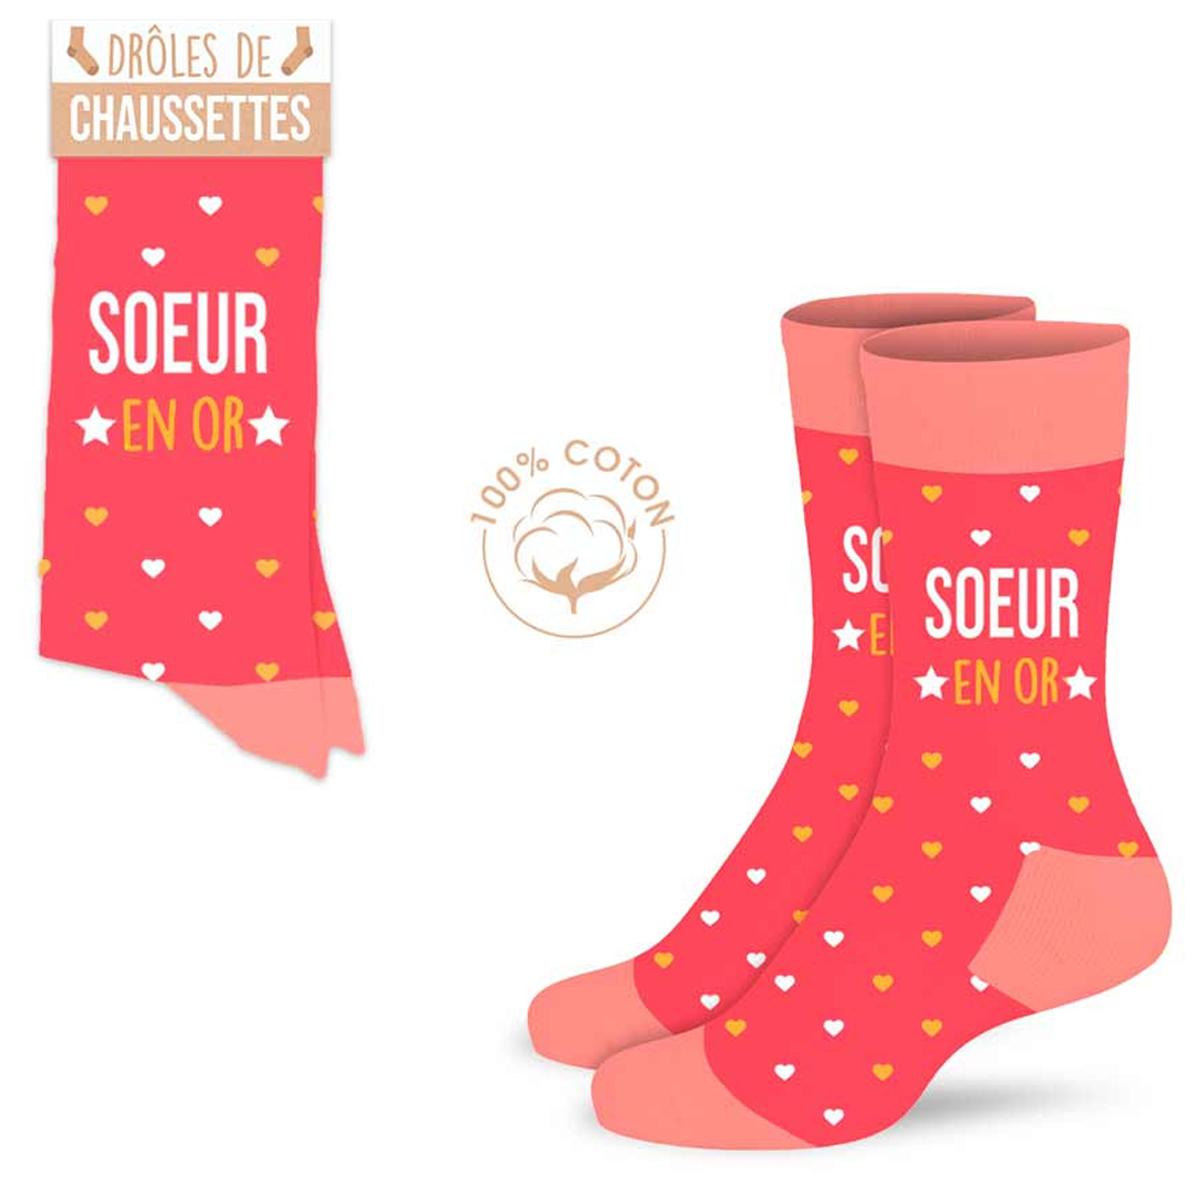 Chaussettes coton tendresse \'Soeur en Or\' corail - taille unique - [A0988]